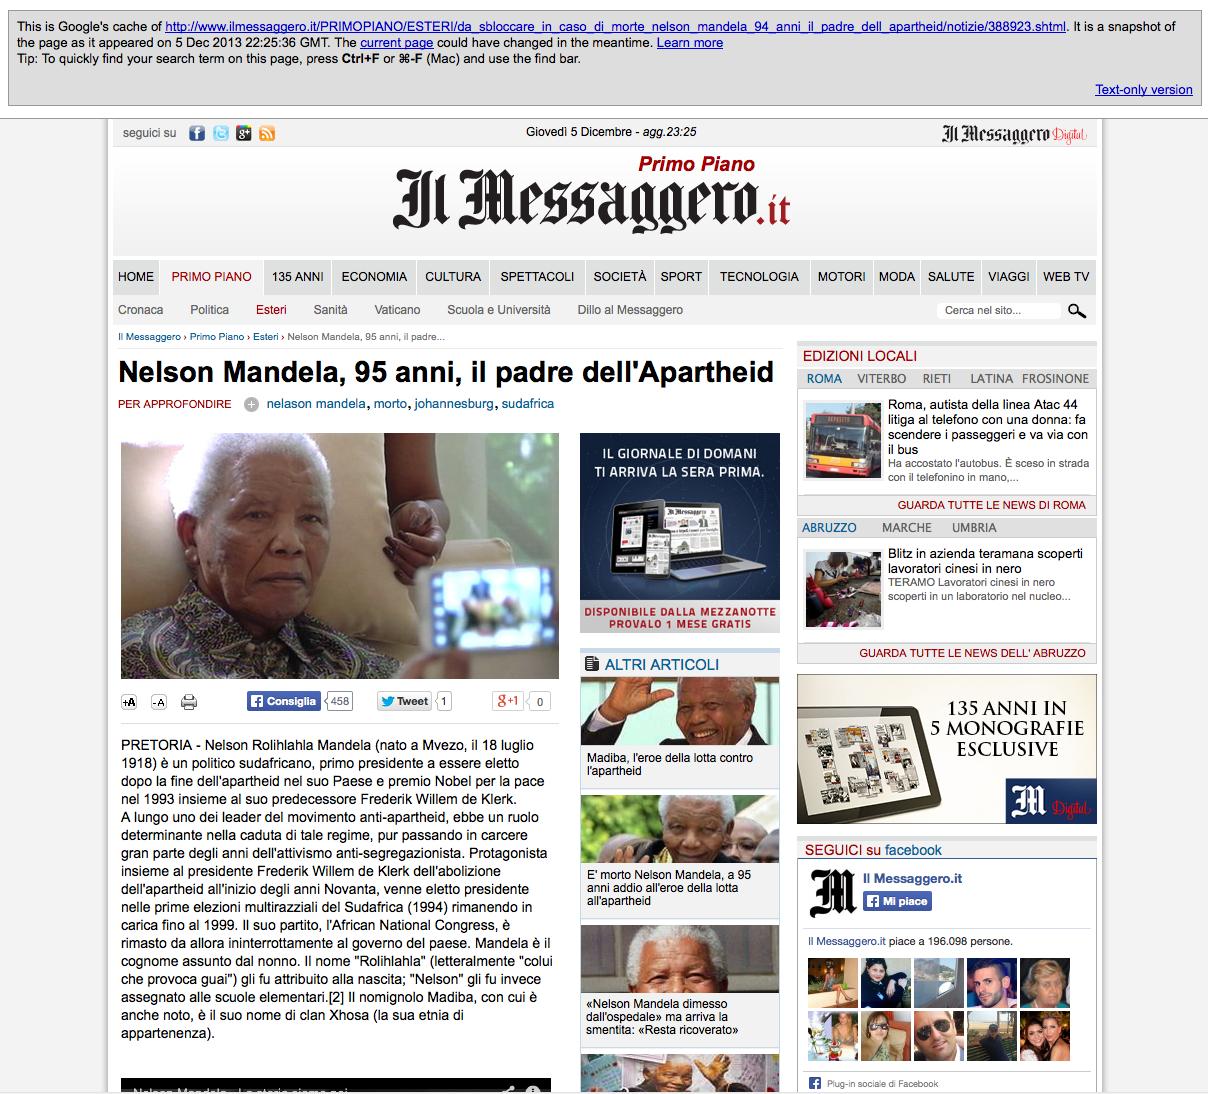 frasi famose mandela in italiano - Frasi di Nelson Mandela le migliori solo su Frasi Celebri it